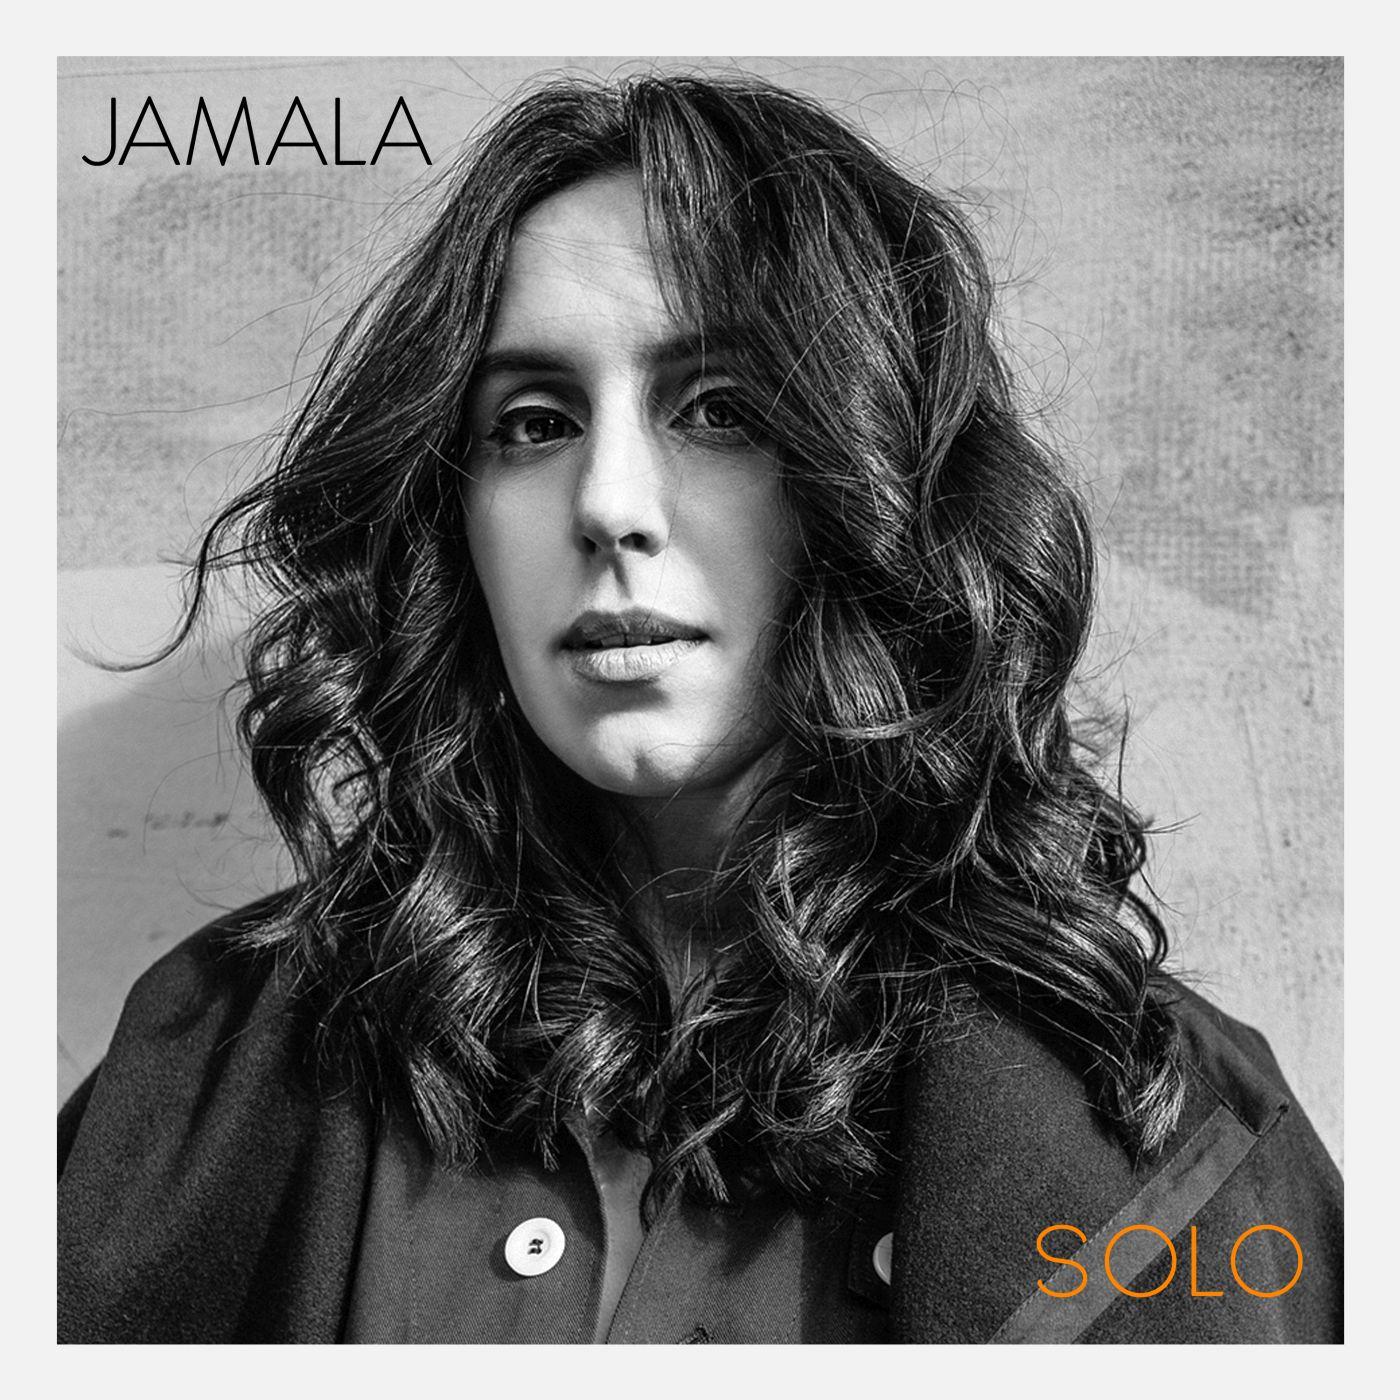 Джамала презентувала пісню про сильних жінок, написану номінантом на Греммі